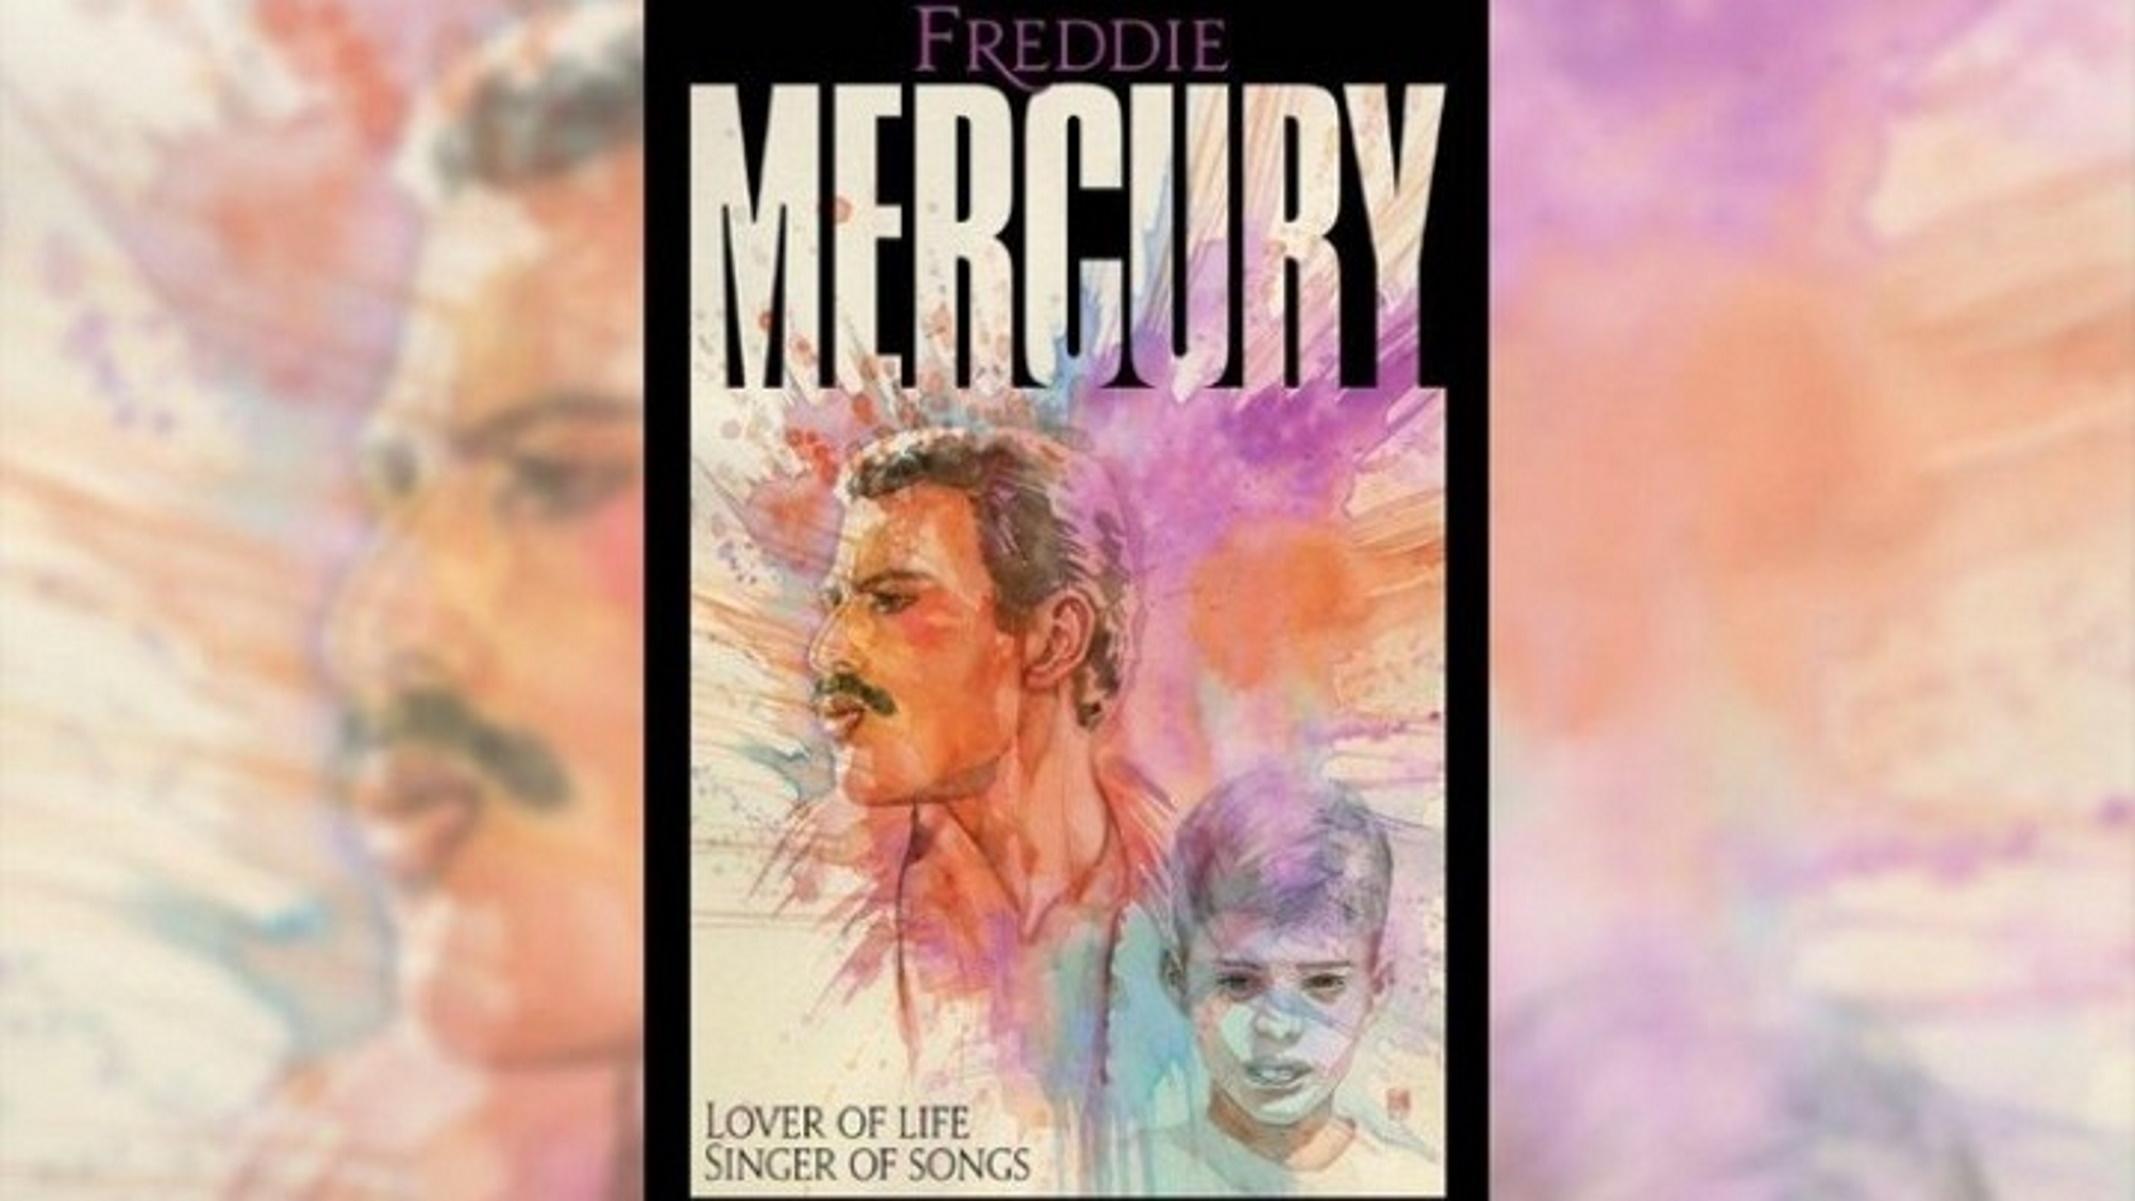 Φρέντι Μέρκιουρι: Κόμικ αφηγείται τη ζωή του θρυλικού αρχηγού των Queen (pics, vid)